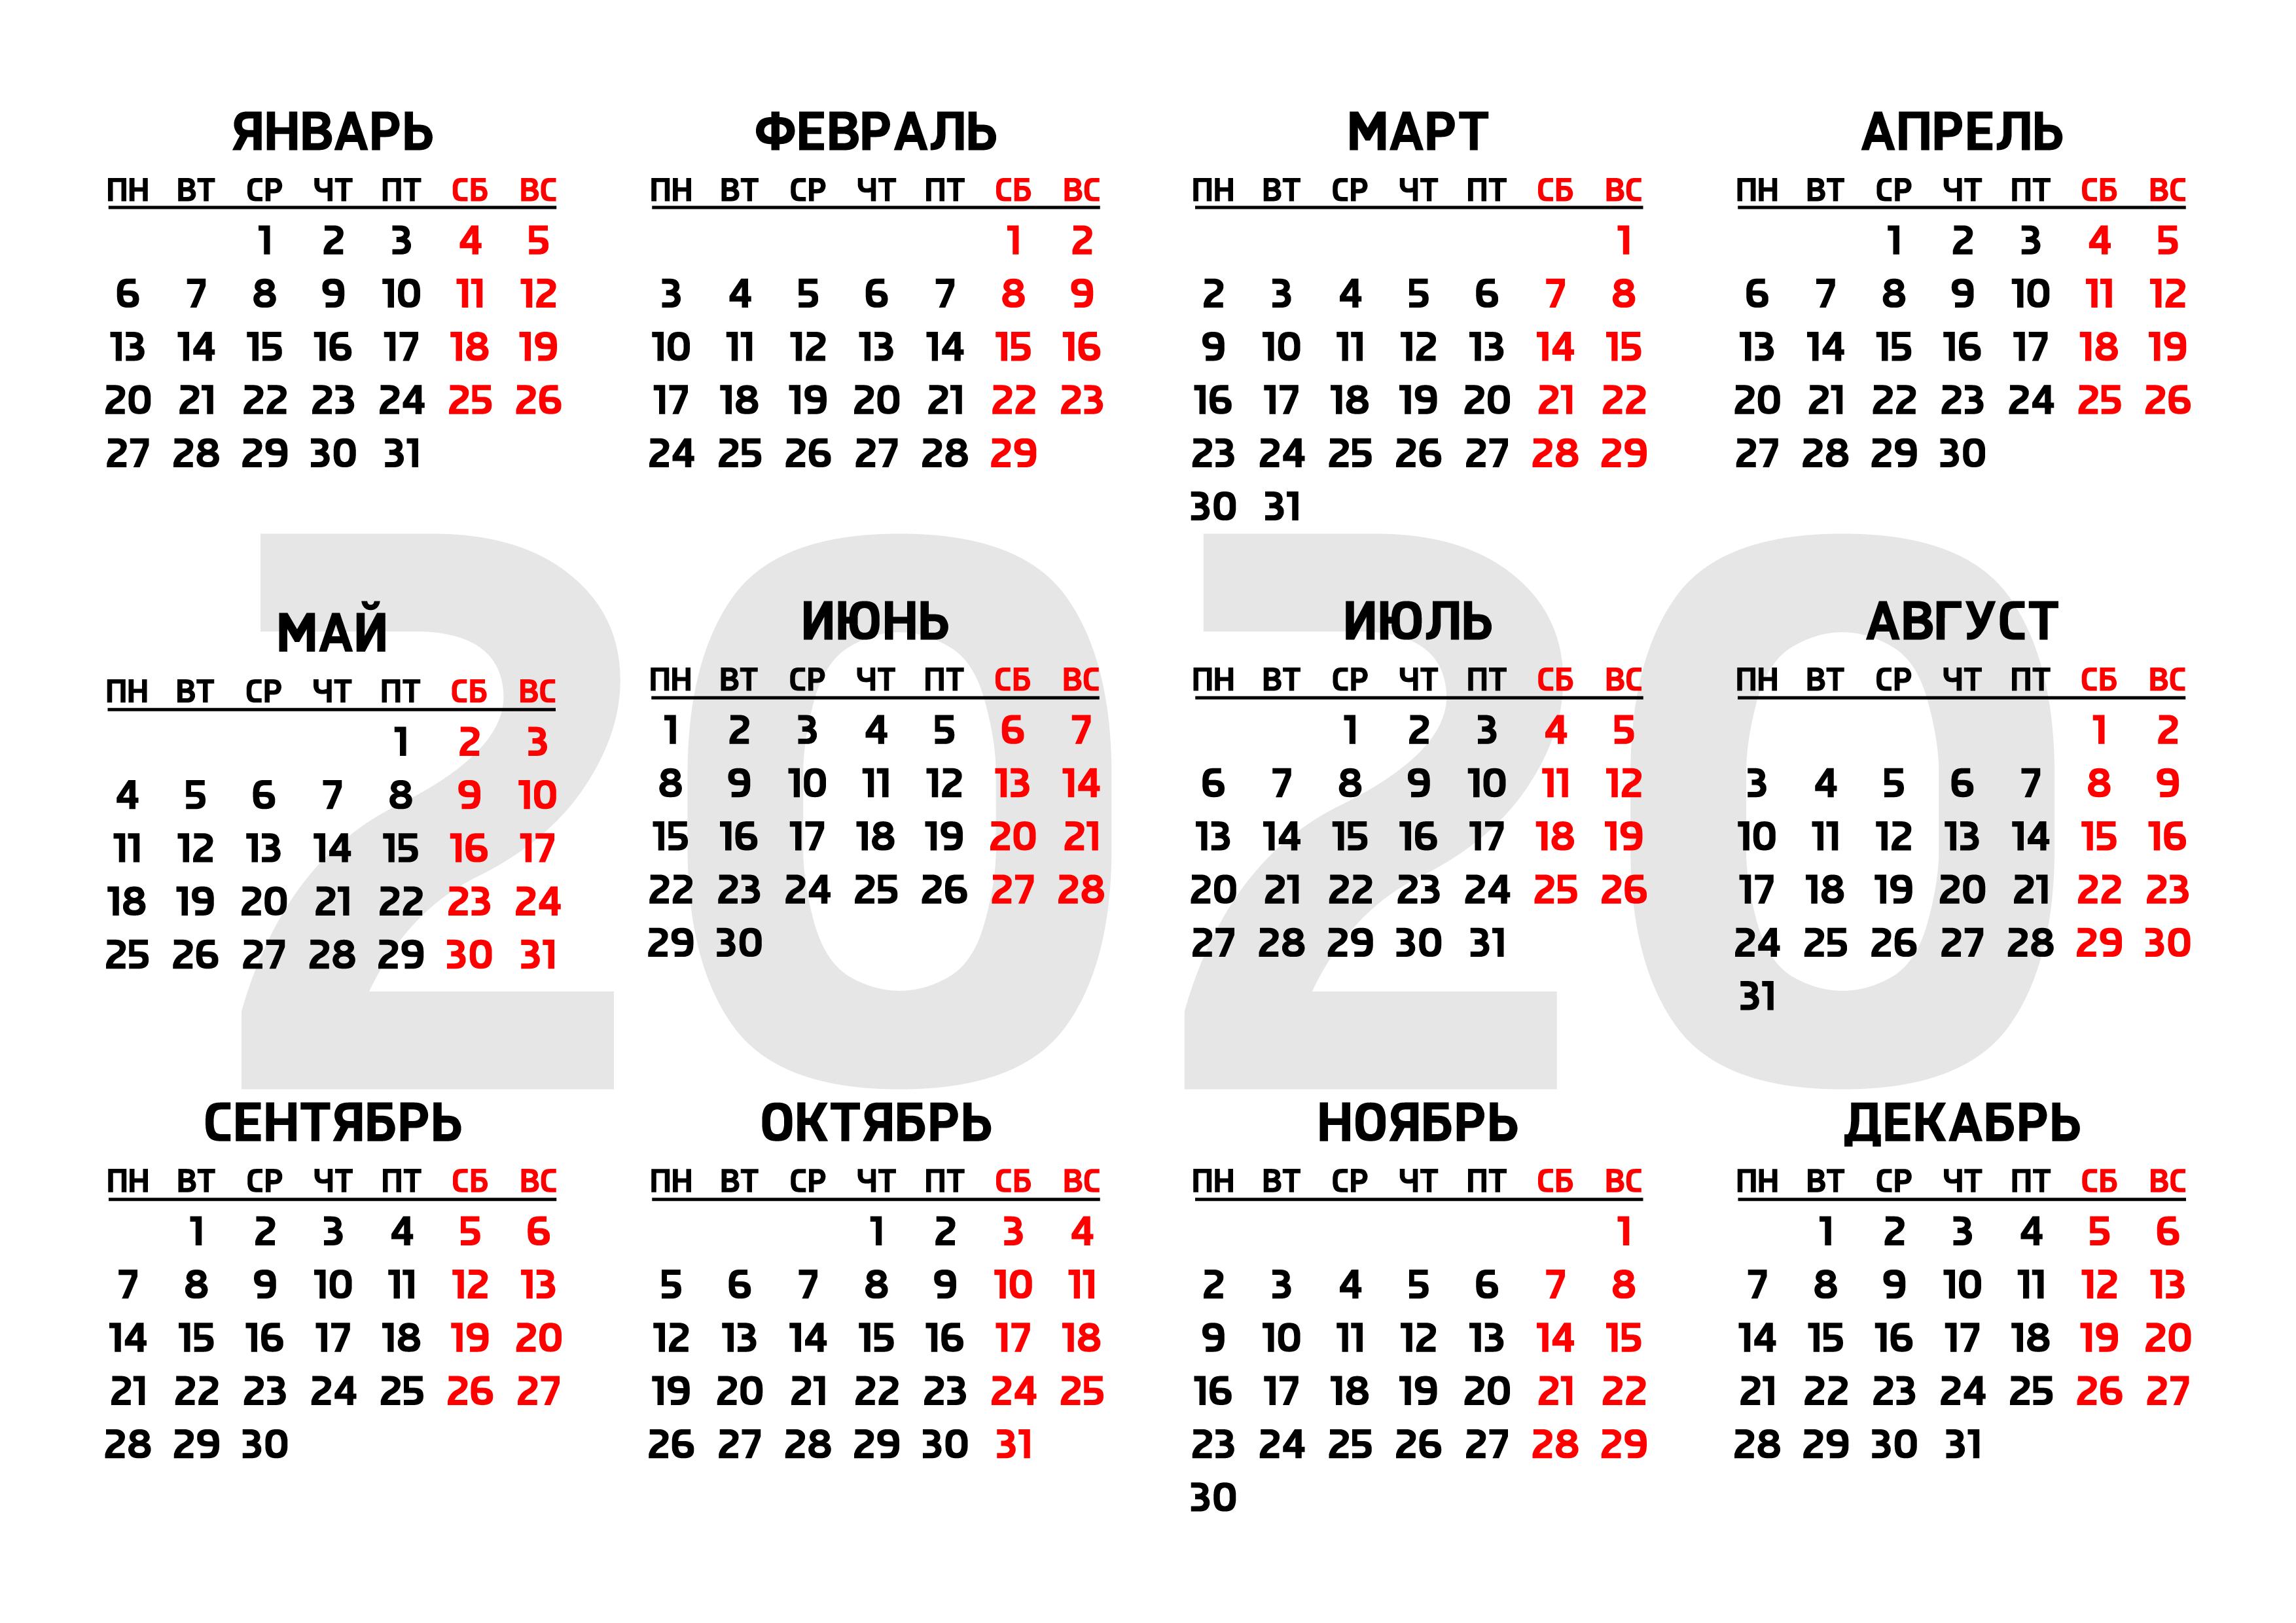 Шаблон Календаря На 2020 Год Скачать Бесплатно — 3Mu.ru with Бланк Календаря На Год